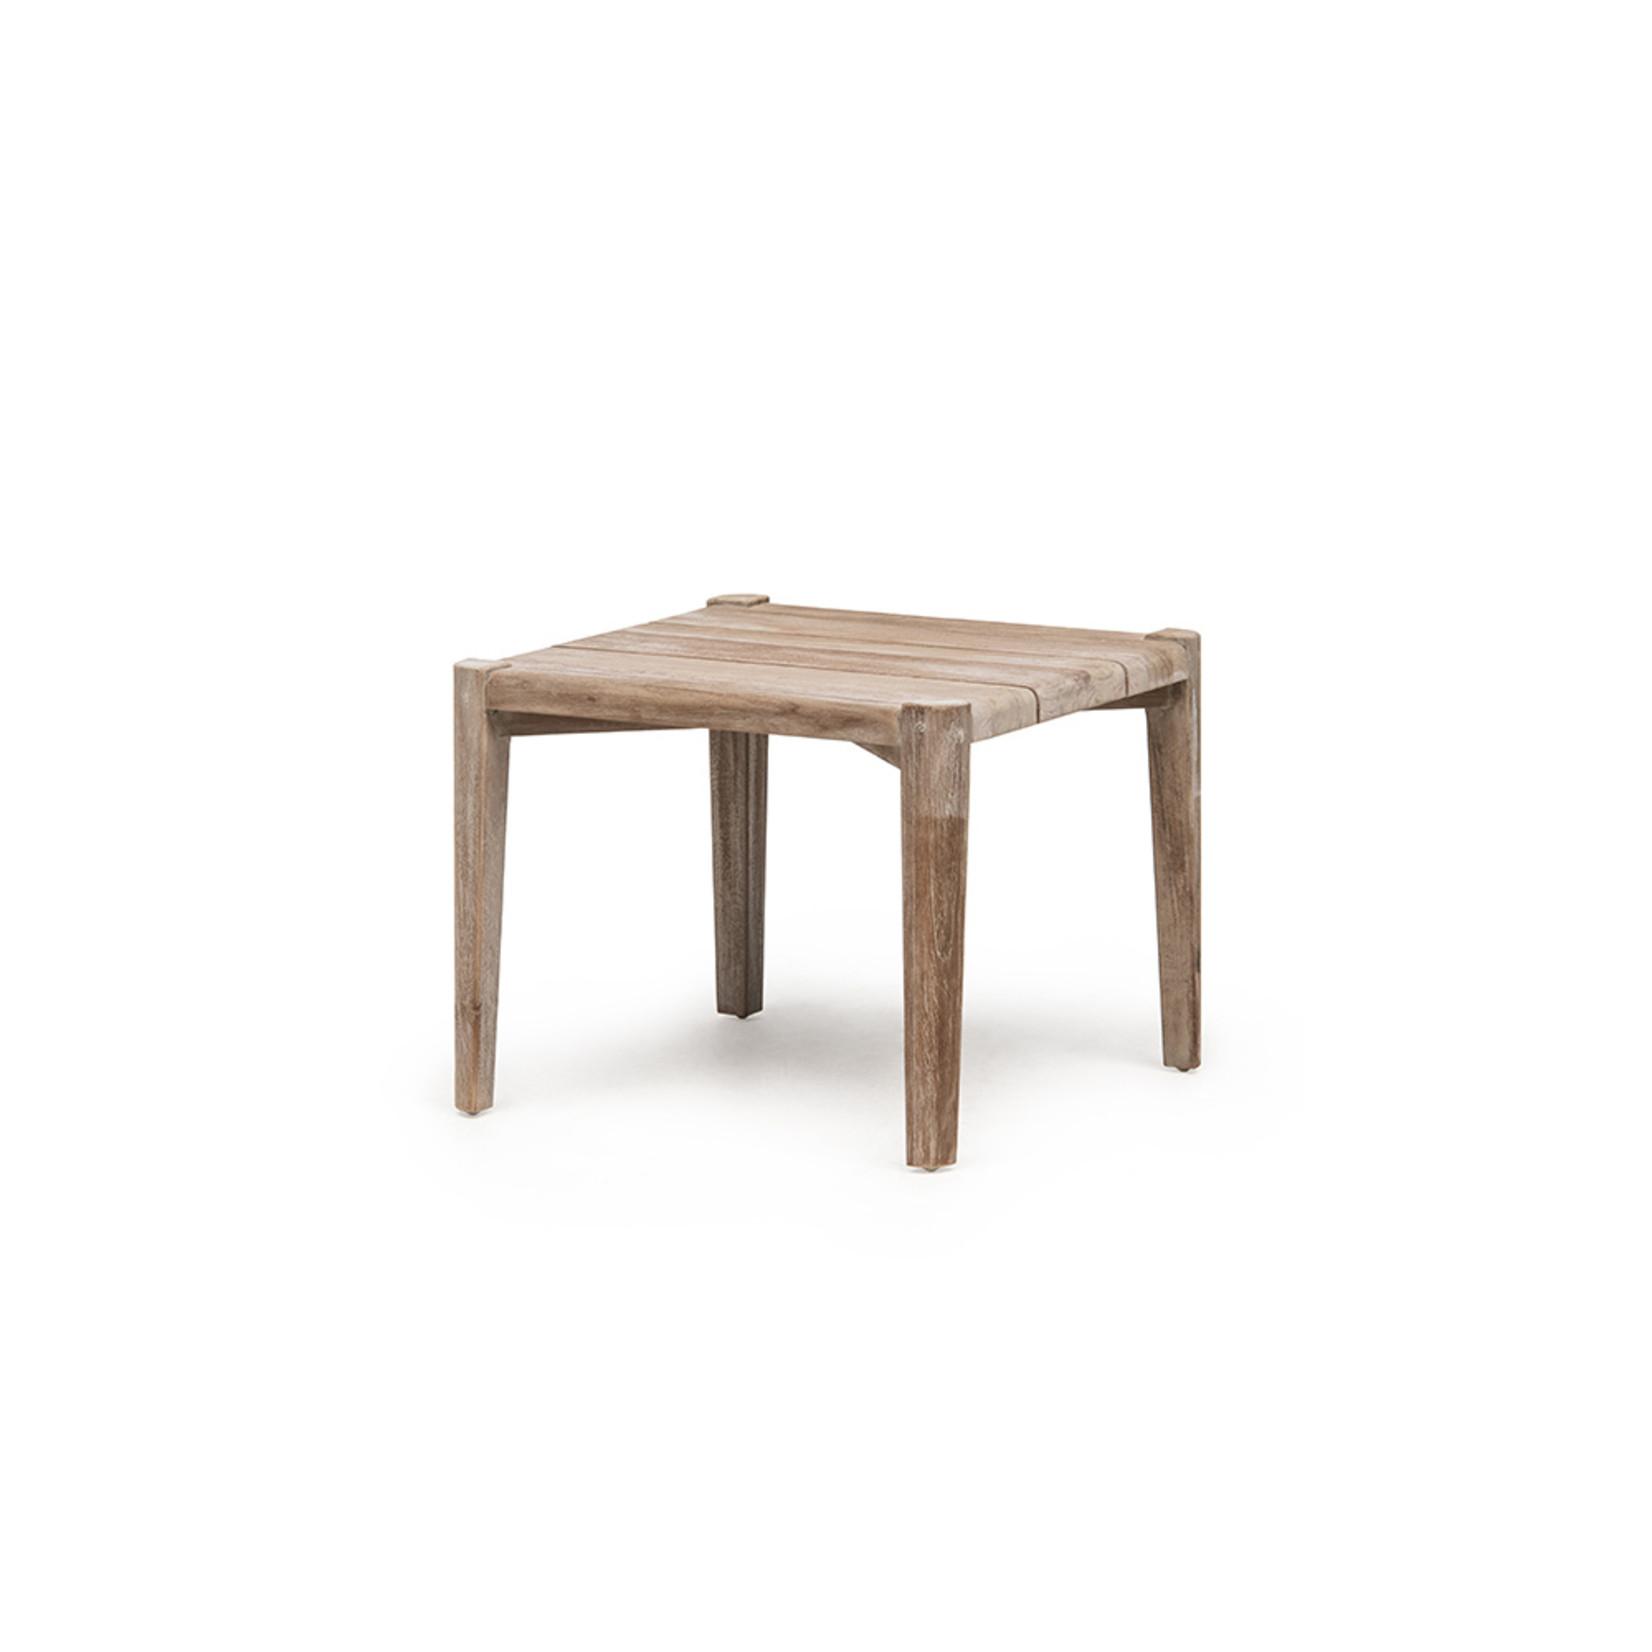 Gommaire Table basse carrée Floor Large | Teck récupéré gris naturel